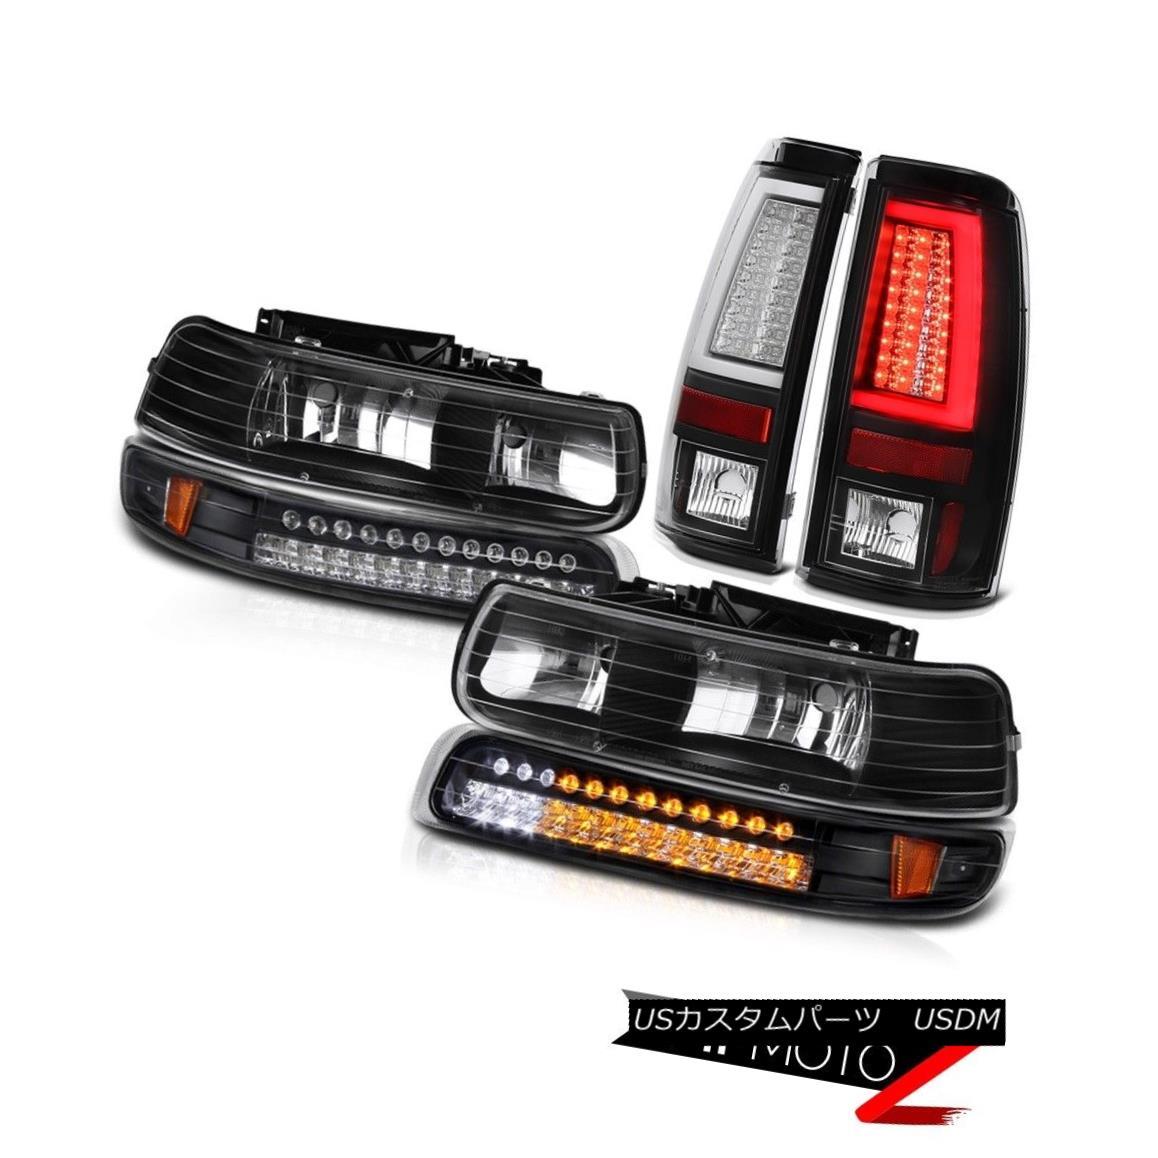 テールライト 99 00 01 02 Silverado Z71 Black Tail Lights Fog Chrome Foglamps Signal Lamp LED 99 00 01 02 Silverado Z71ブラックテールライトフォグクロームフォグランプシグナルランプLED